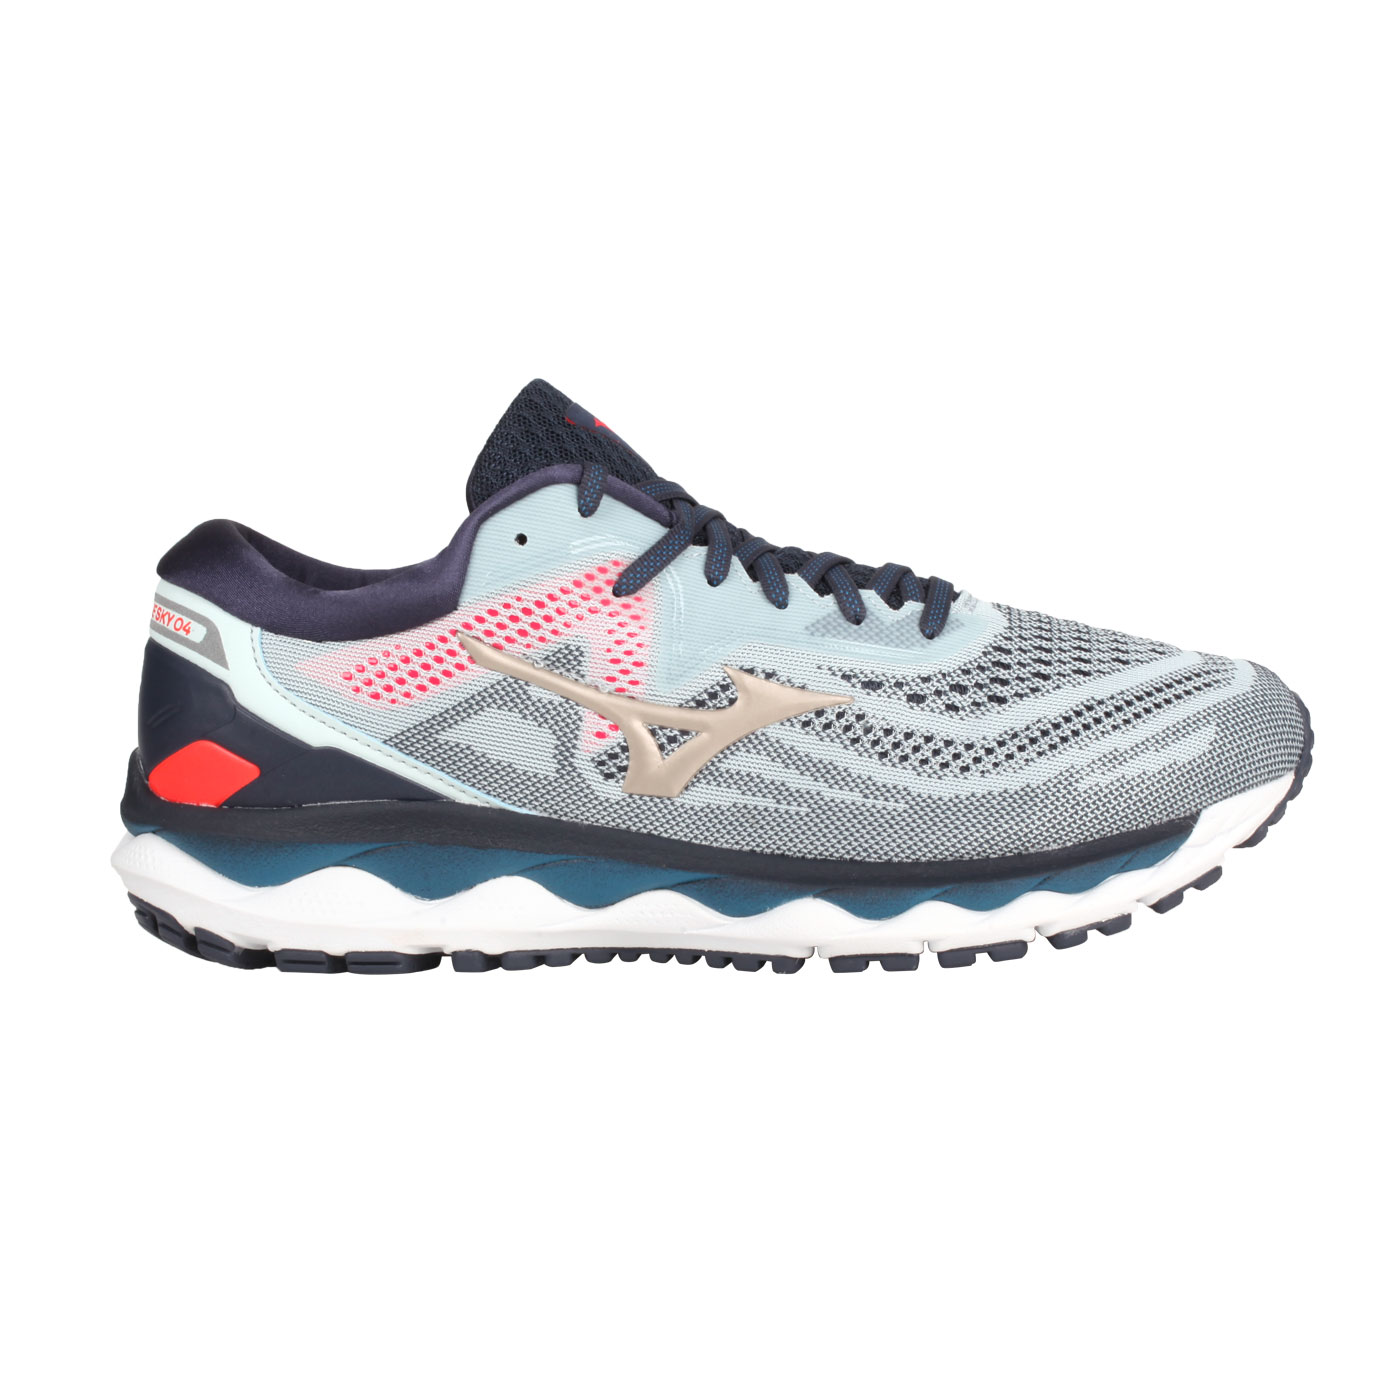 MIZUNO 男款慢跑鞋  @WAVE SKY 4@J1GC200242